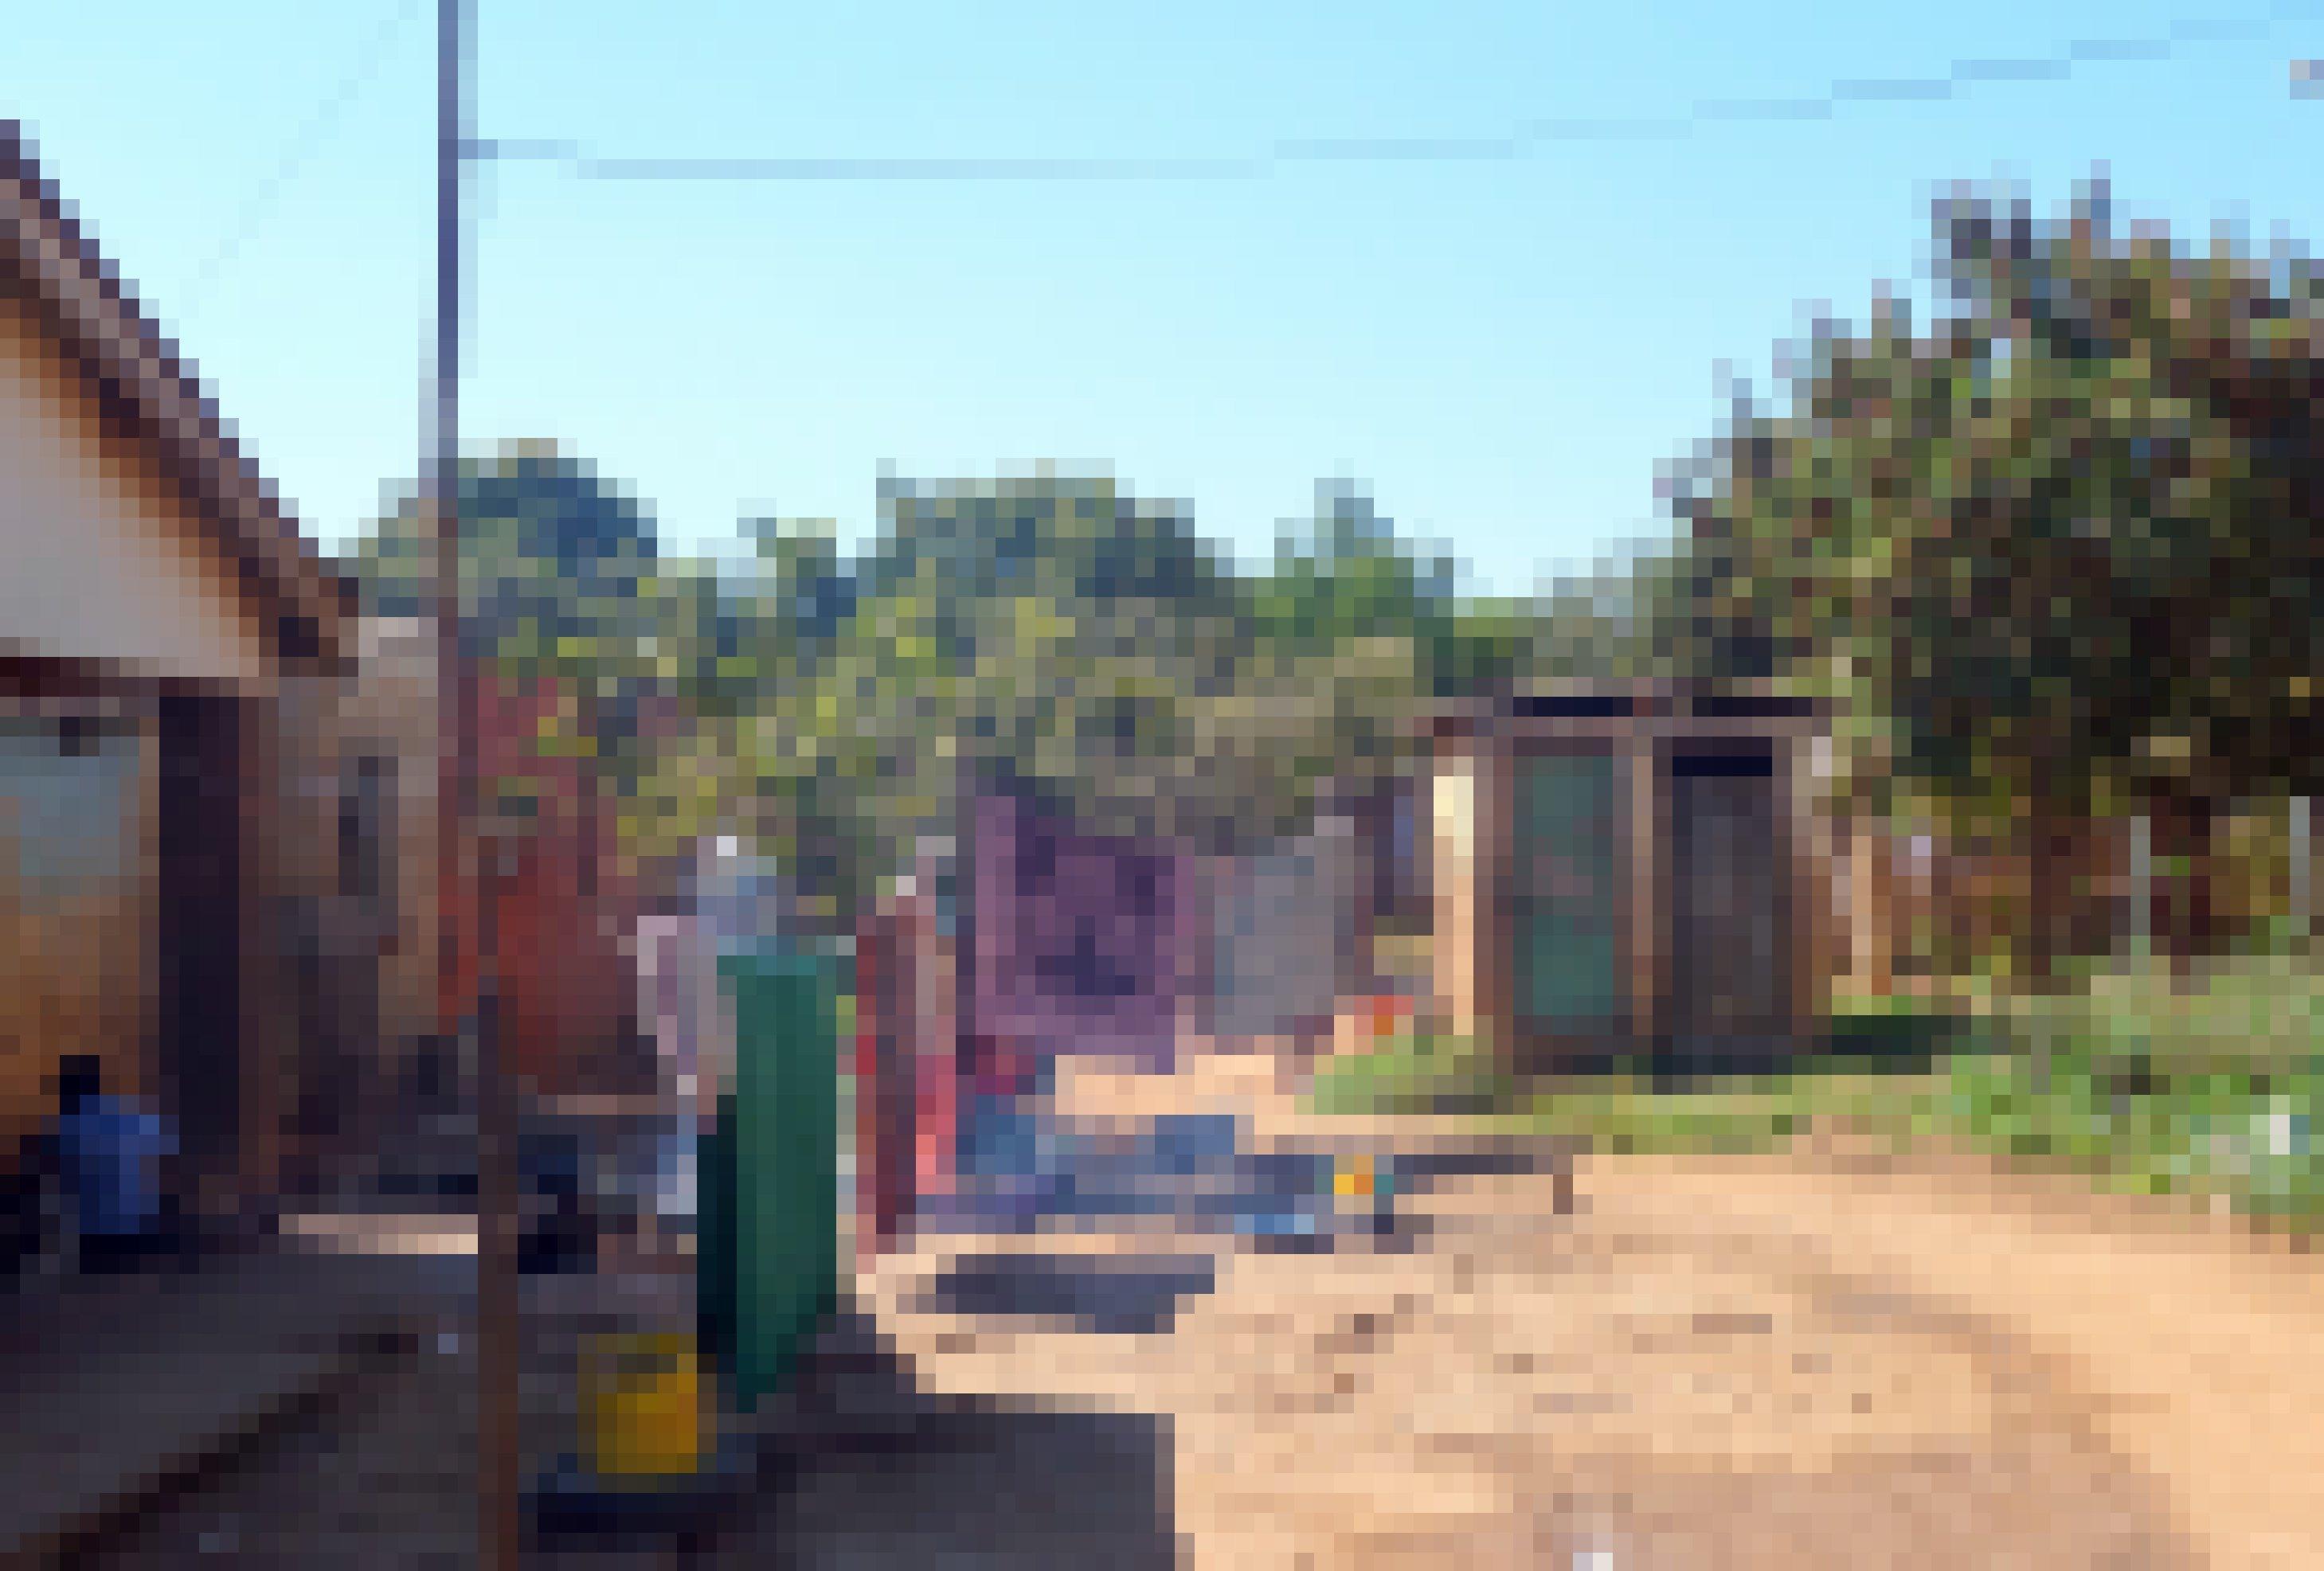 Das Bild zeigt ein kleines Haus mit Klohaeuschen und Waescheleine in einem Armenviertel in Simbabwe. Die Armut ist unuebersehbar.